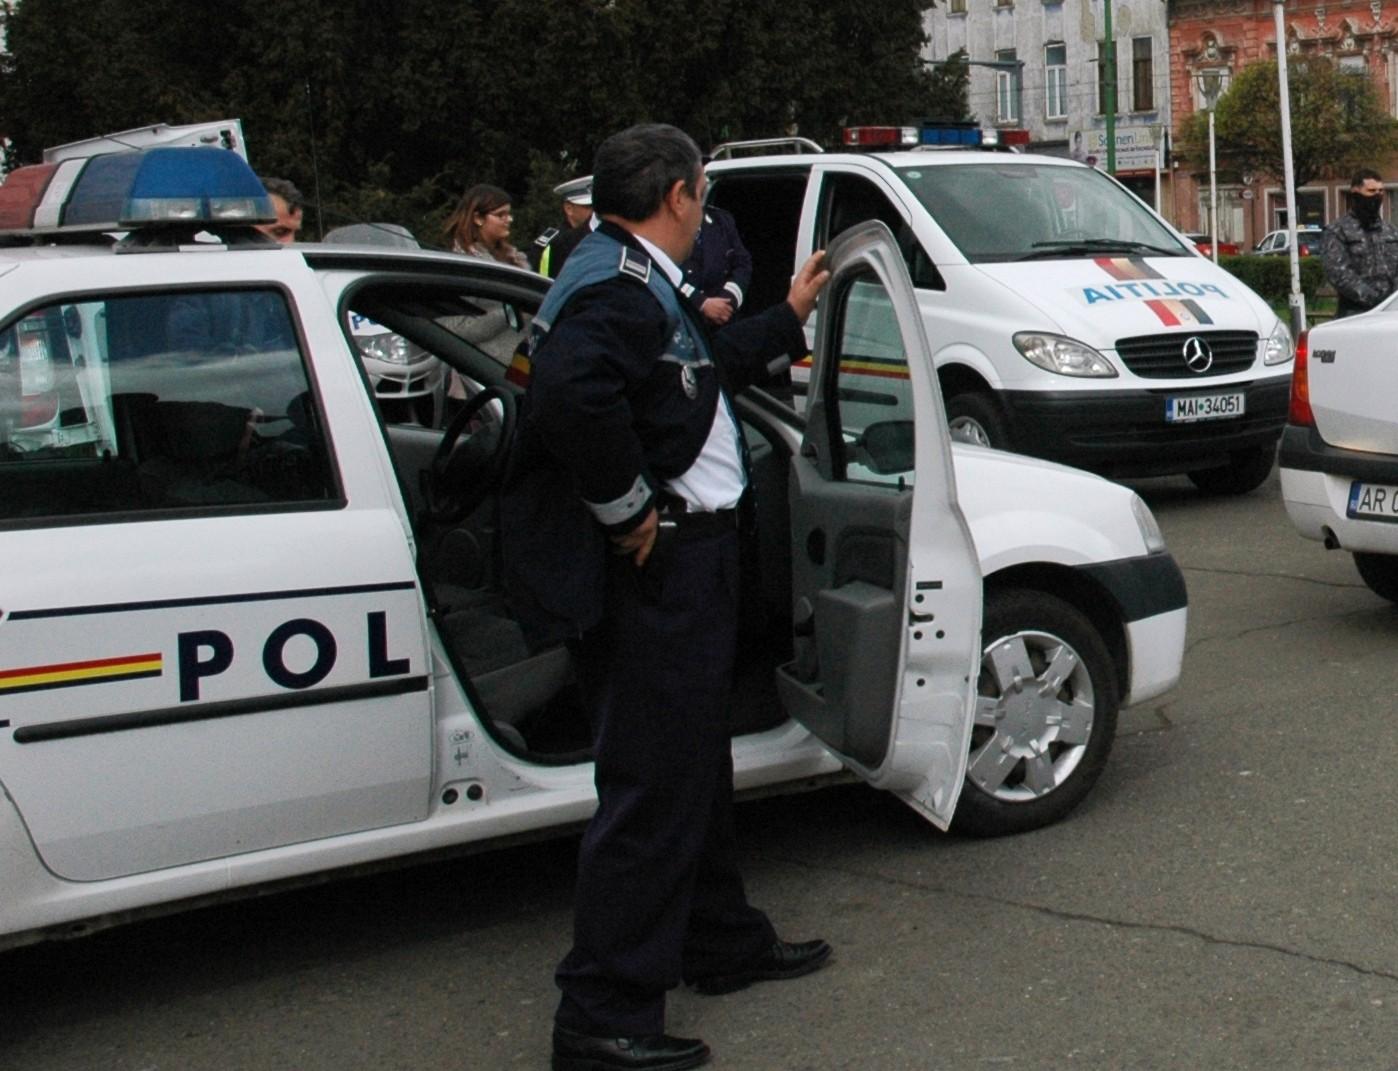 Acţiune de amploare a IPJ Arad: 24 de DOSARE PENALE şi sute de alte sancţiuni aplicate de poliţişti